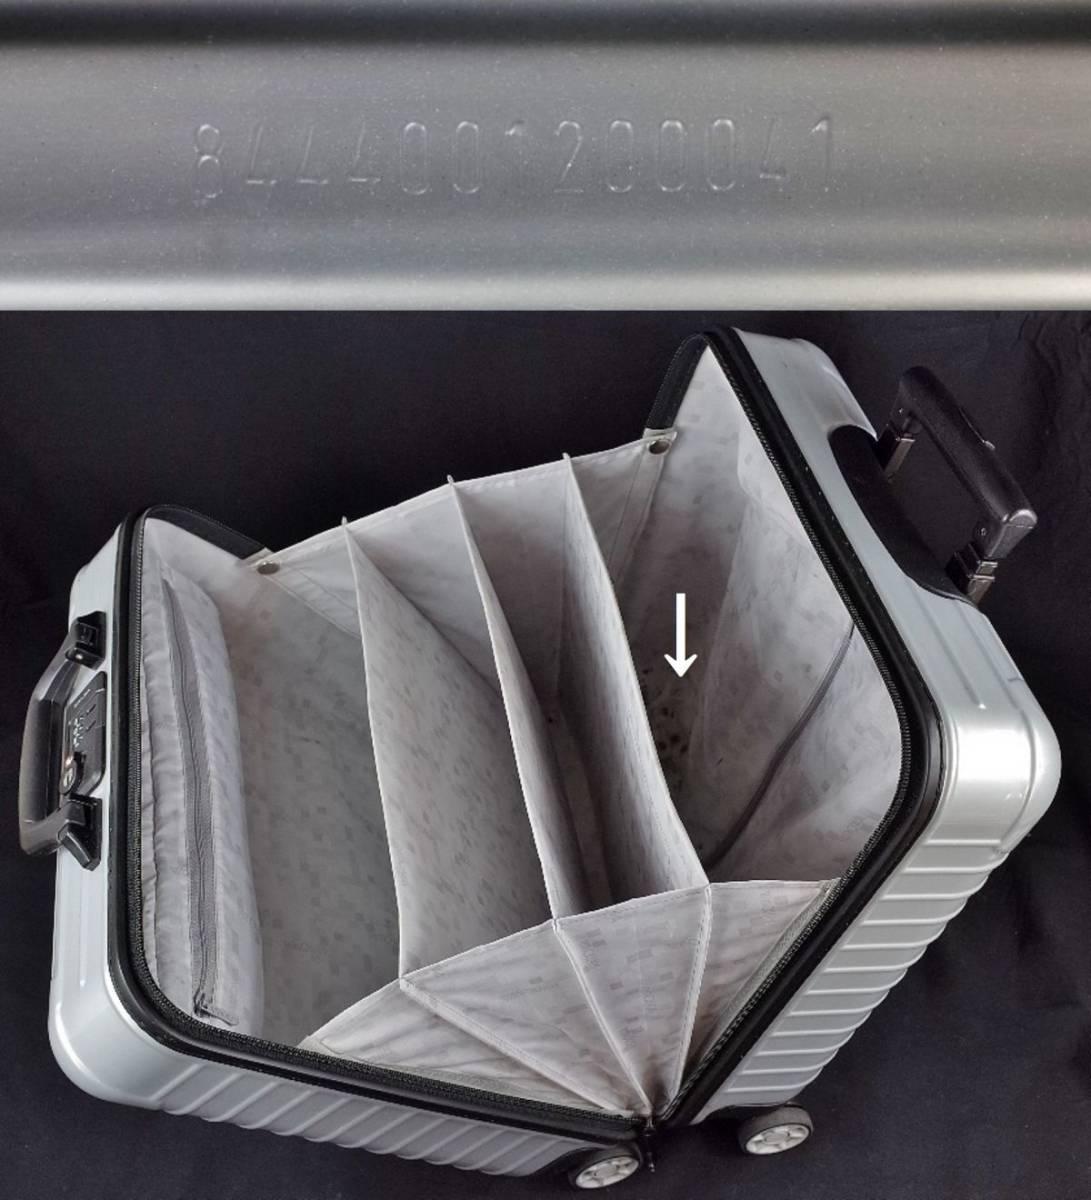 RIMOWA リモワ 844.40『SALSA サルサ』 ビジネス トローリー 4輪 TSAロック 27L(人気完売色:クラッシックシルバー) 美品  _画像8